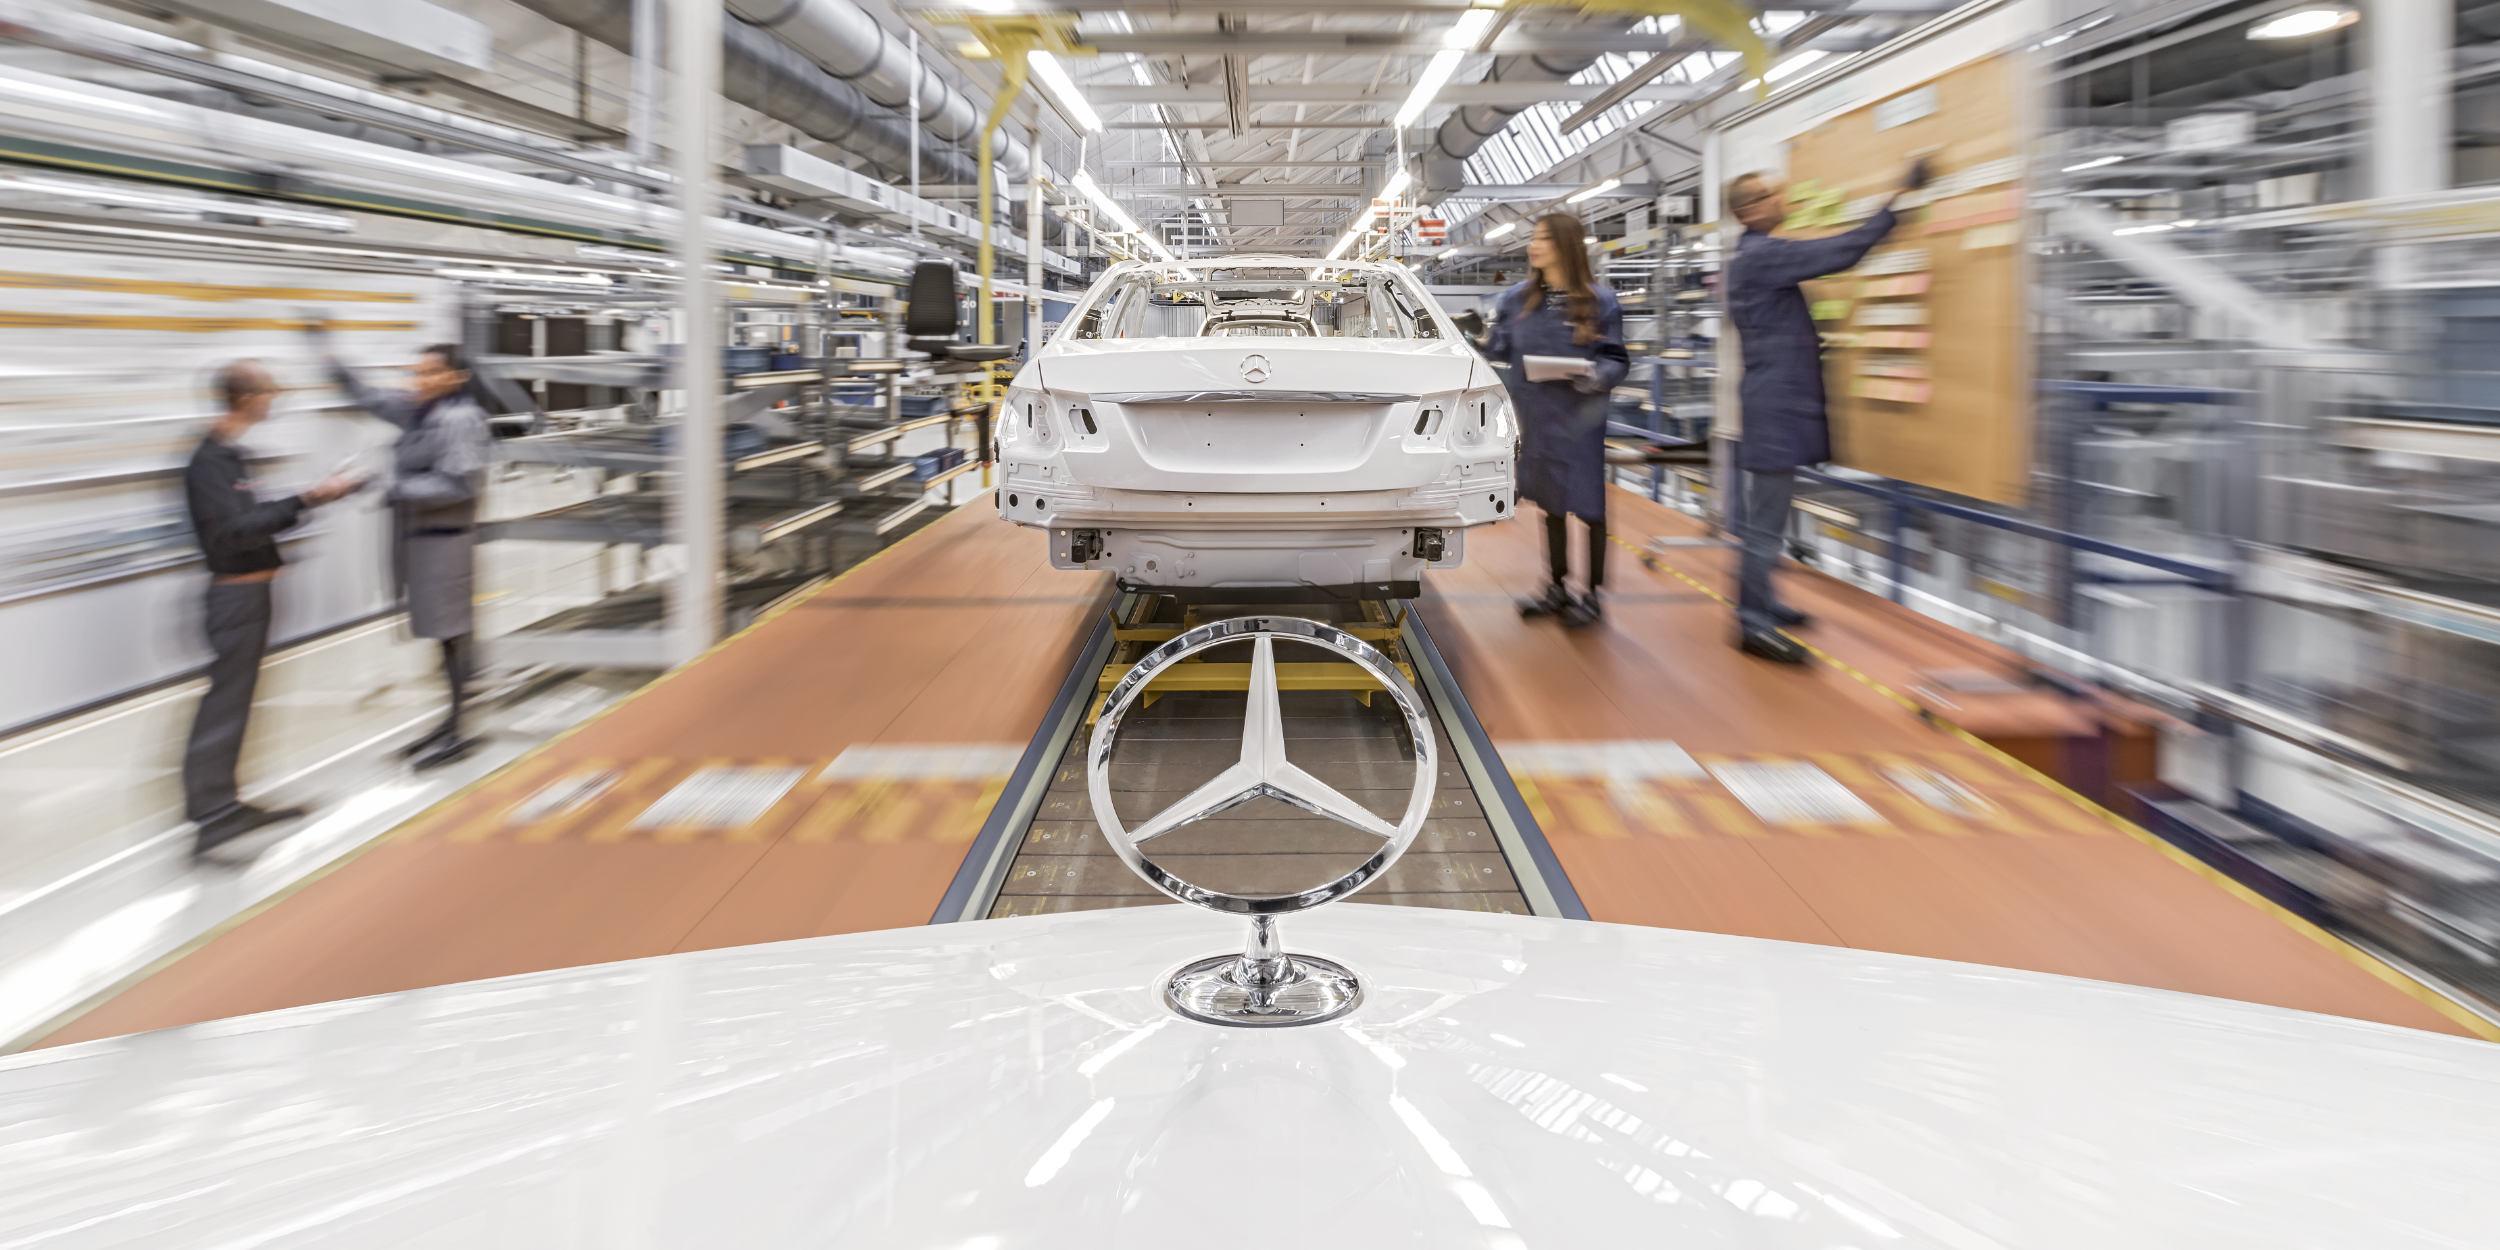 Industriefotografie Stuttgart und Umgebung Mercedes Benz Keyvisual Sindelfingen Teststrecke Dynamik Mercedes Stern